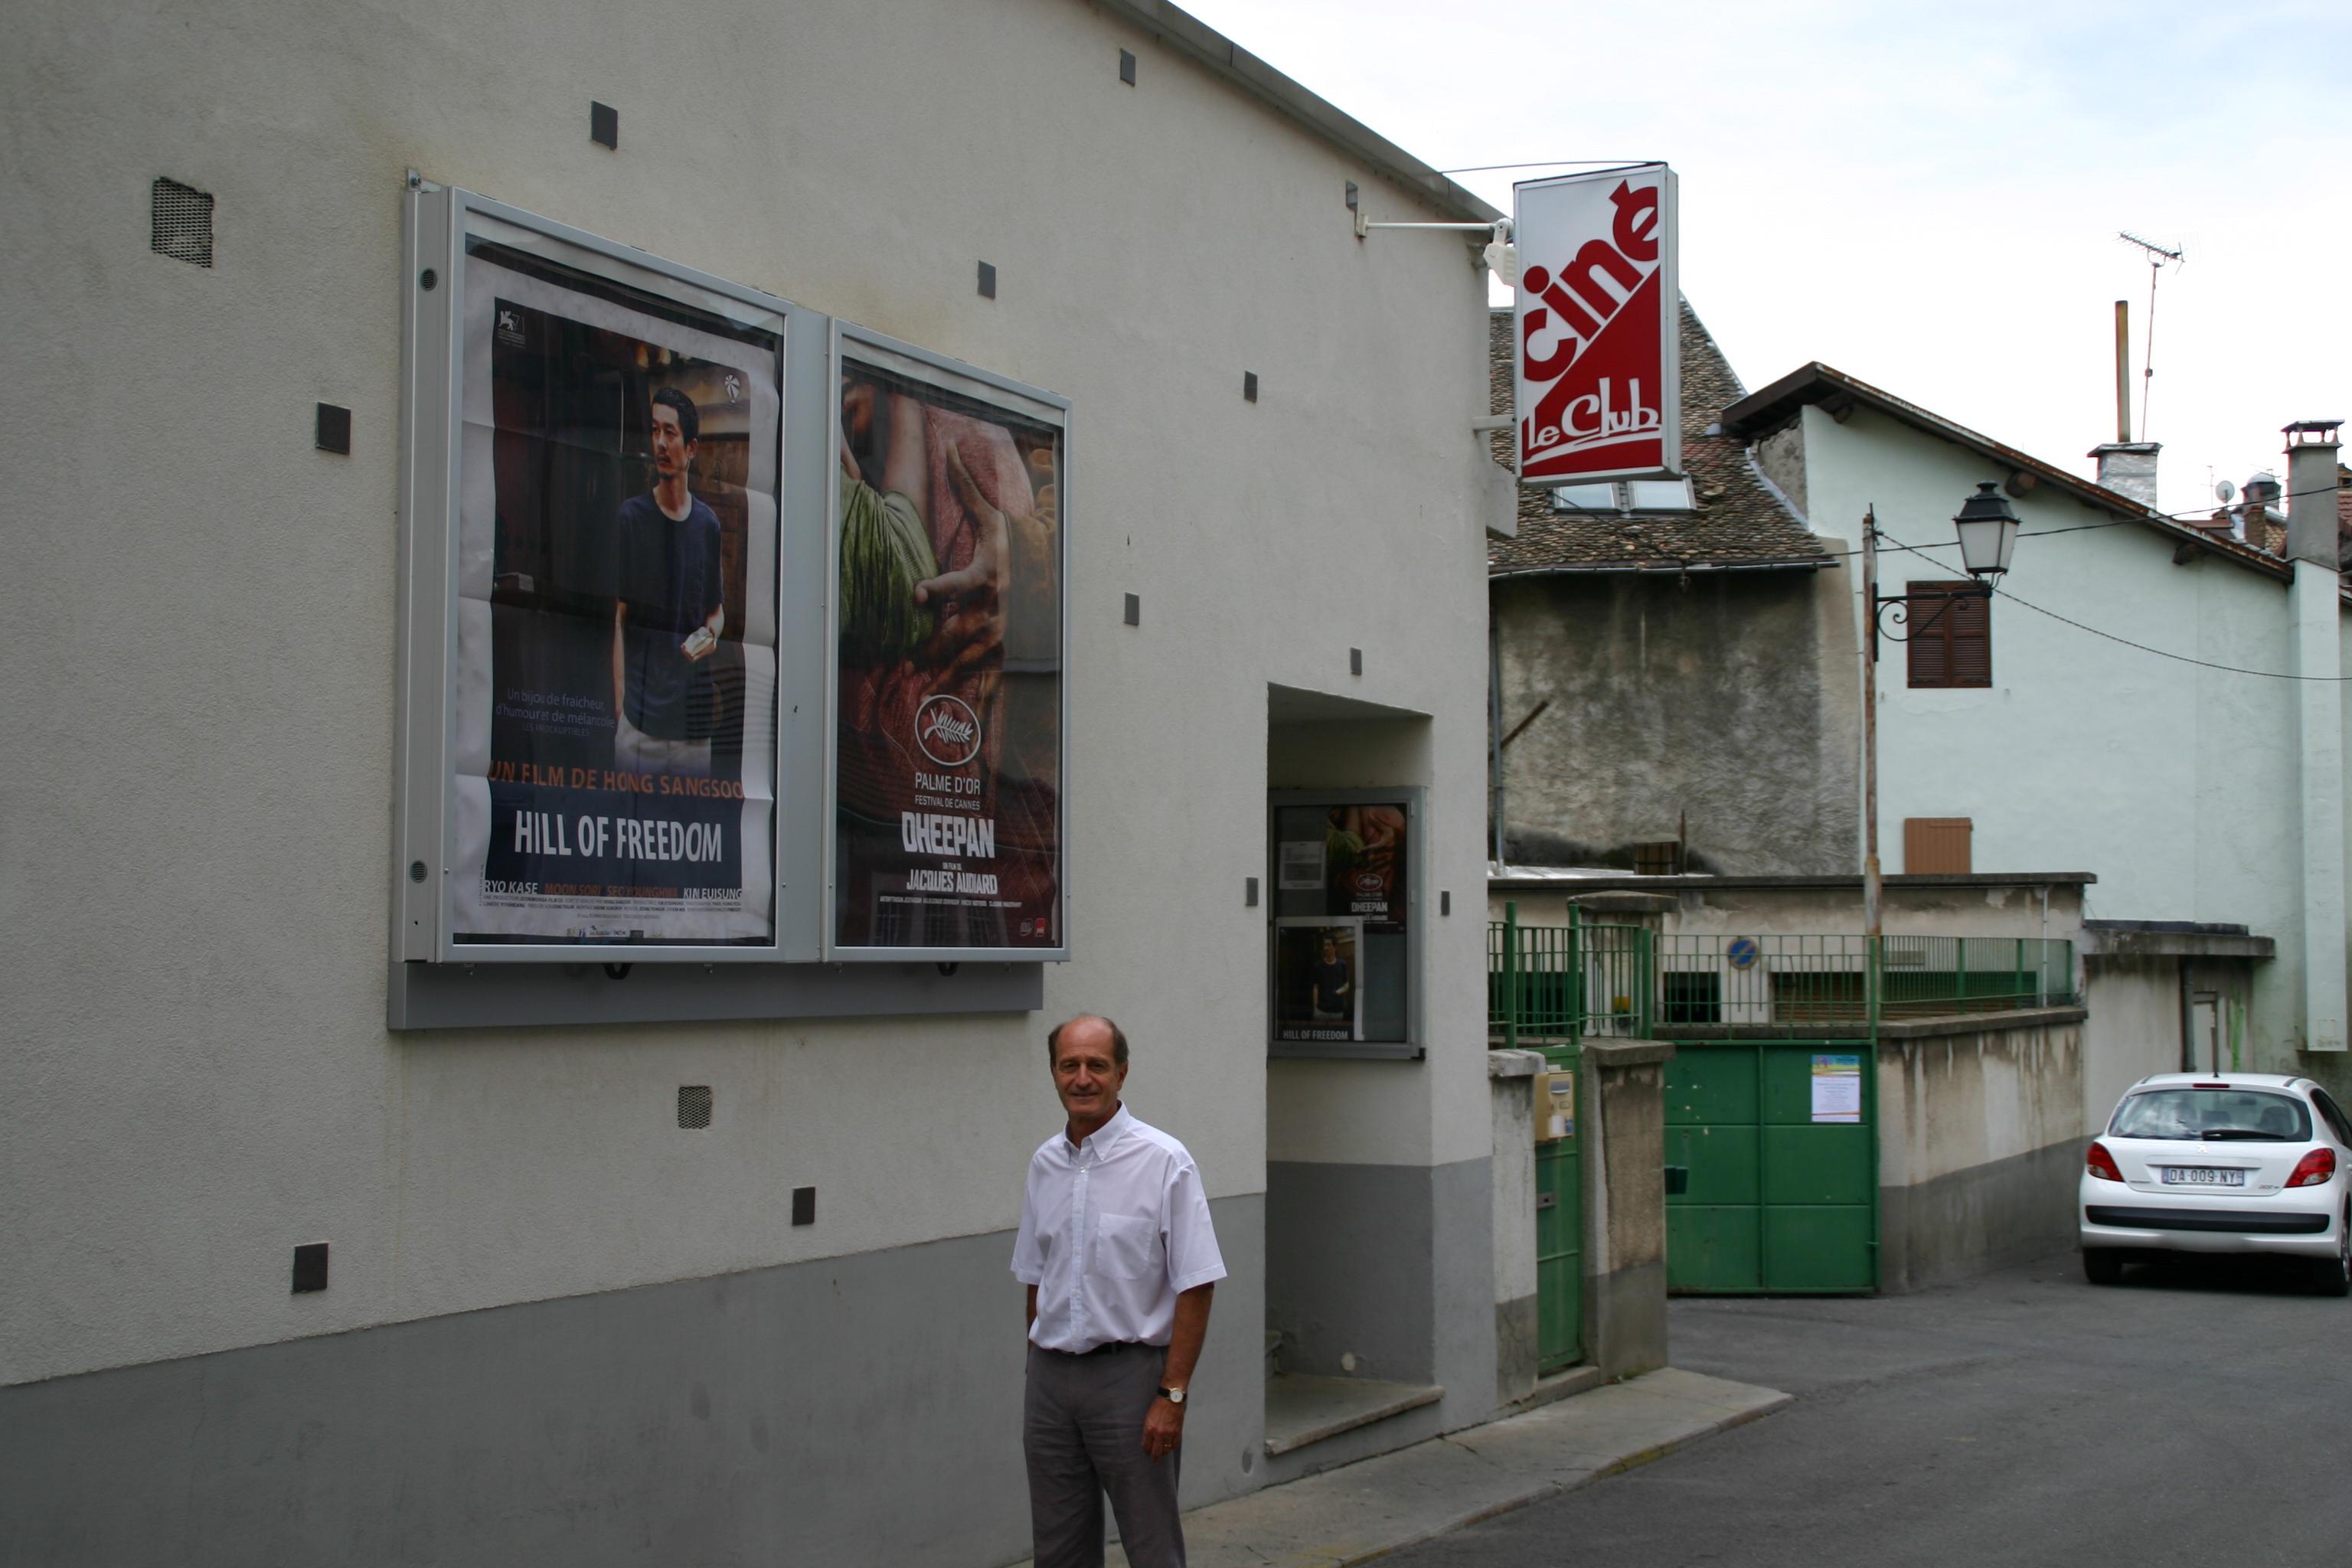 Le Centre et Le Club, deux cinémas de qualité avec une sacrée Histoire